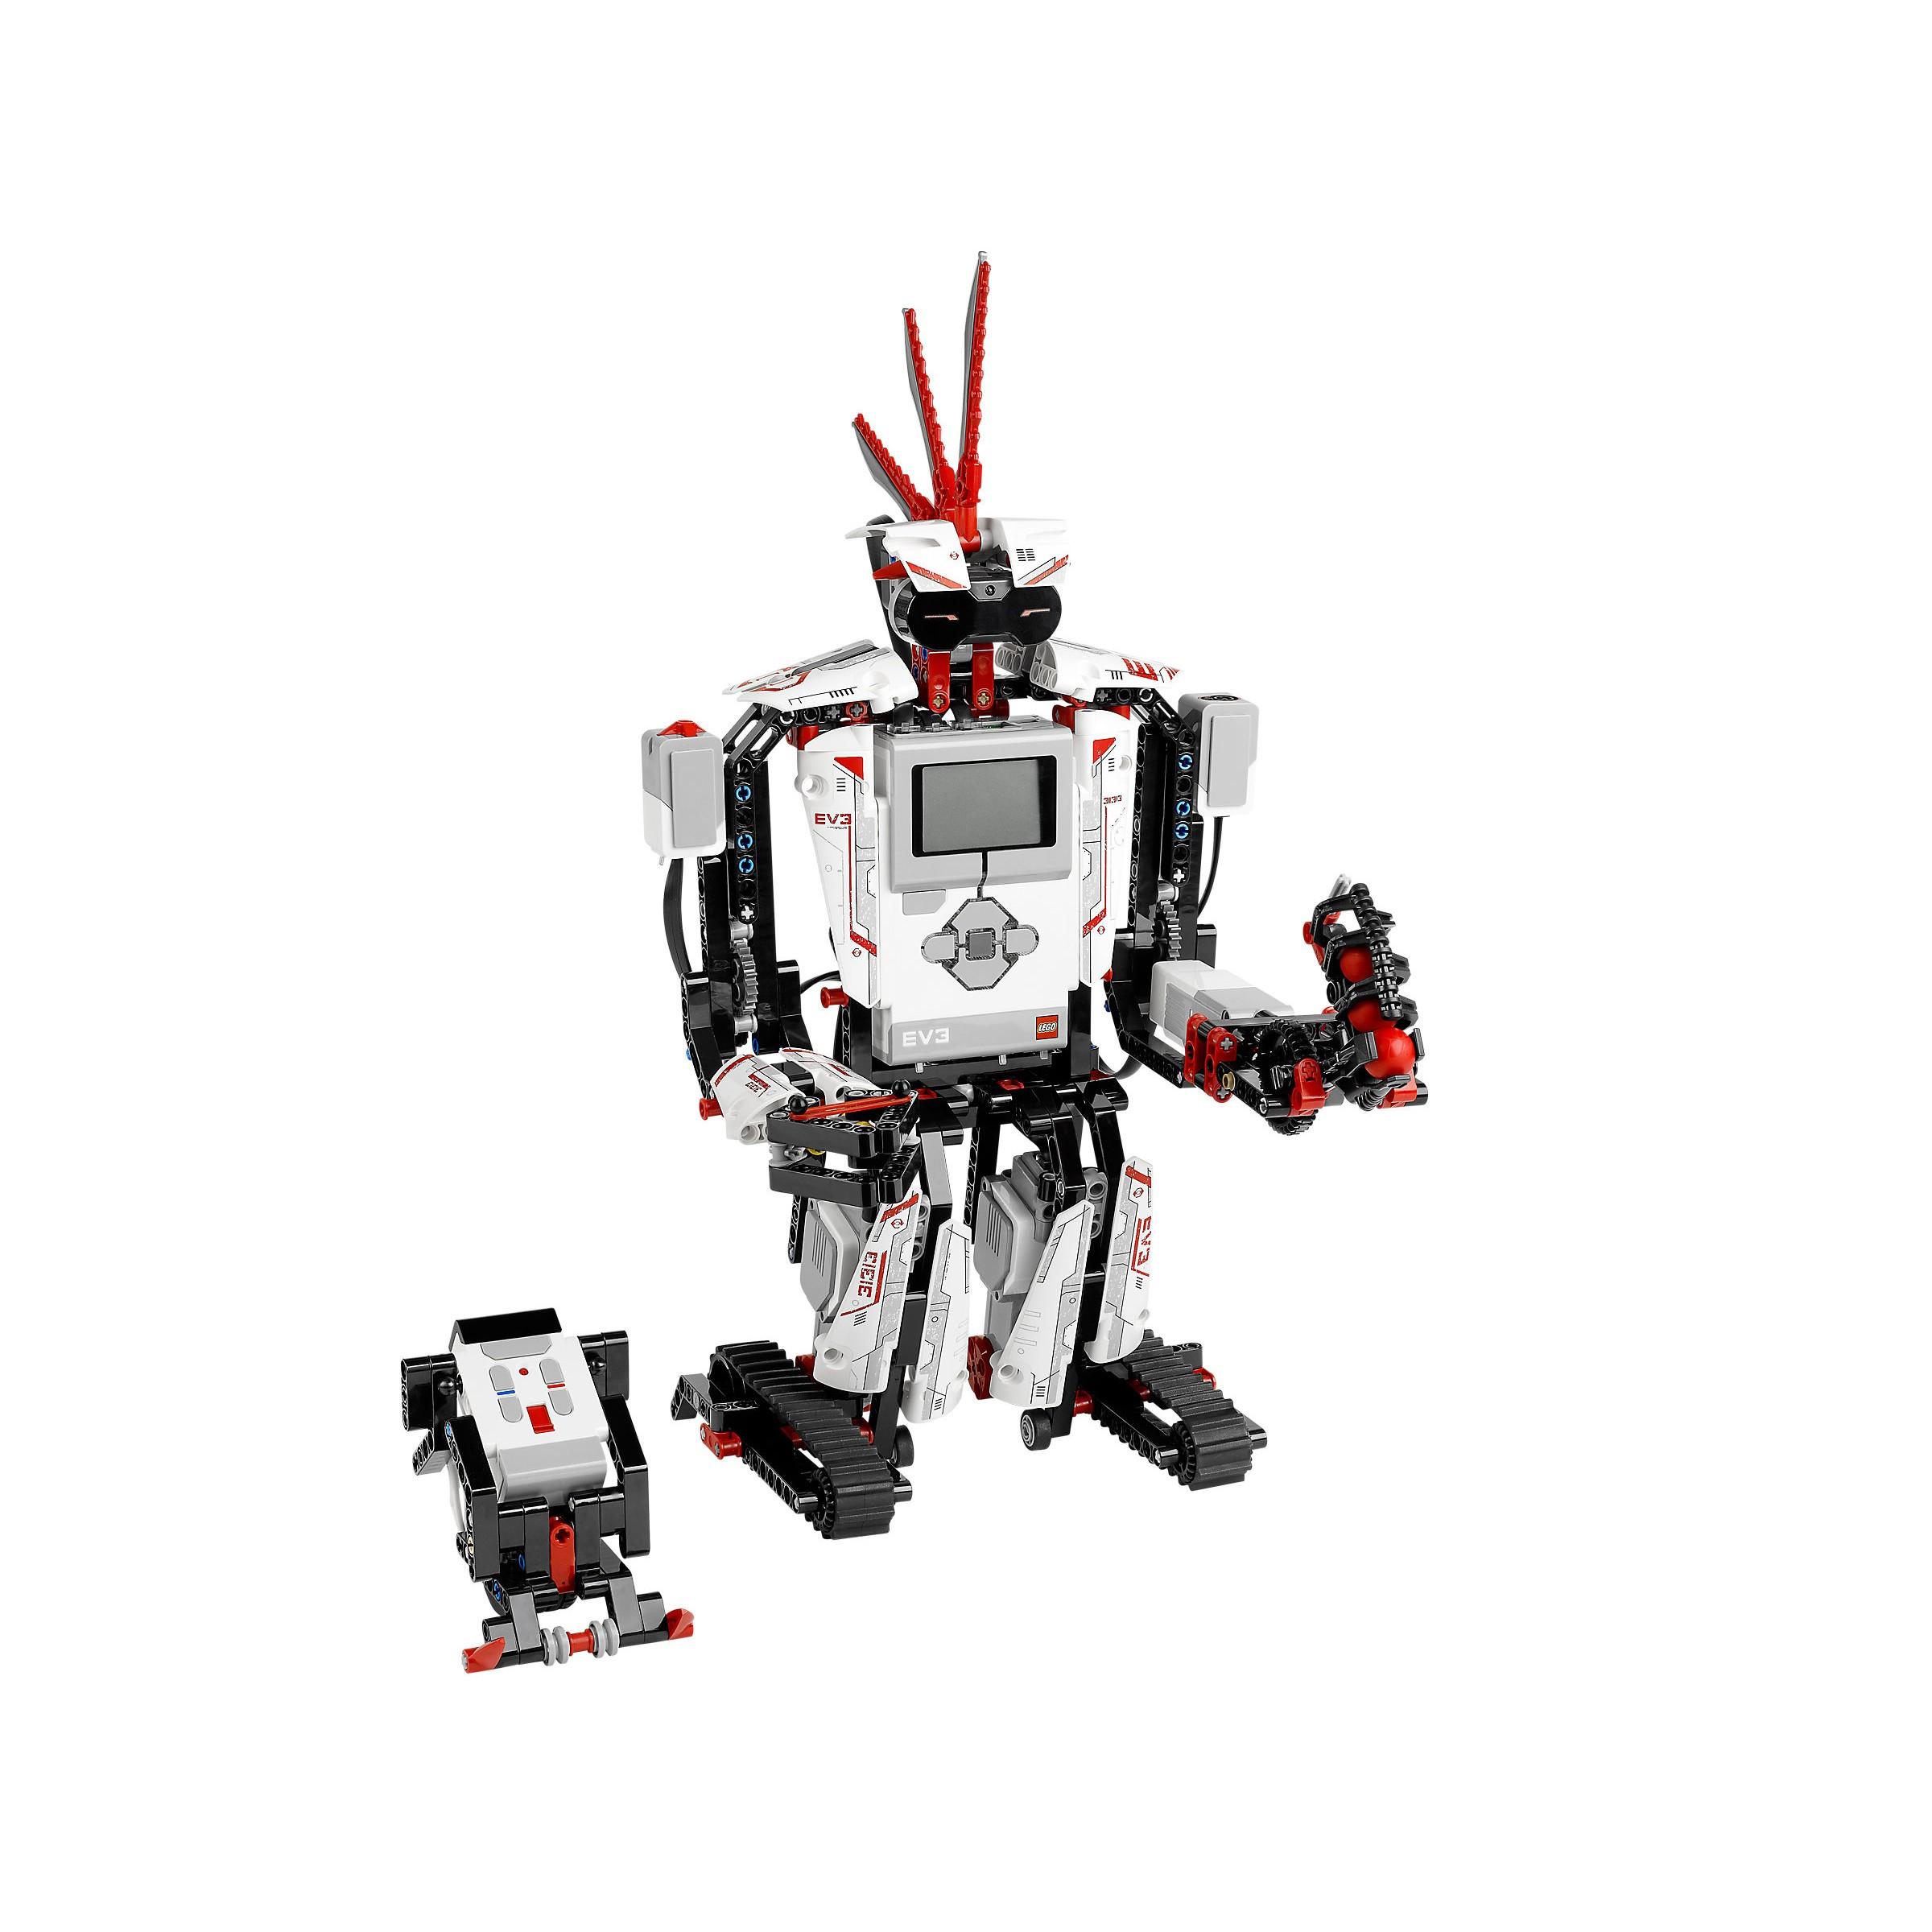 Lego Mindstorms Ev3 Robot At Hobby Warehouse